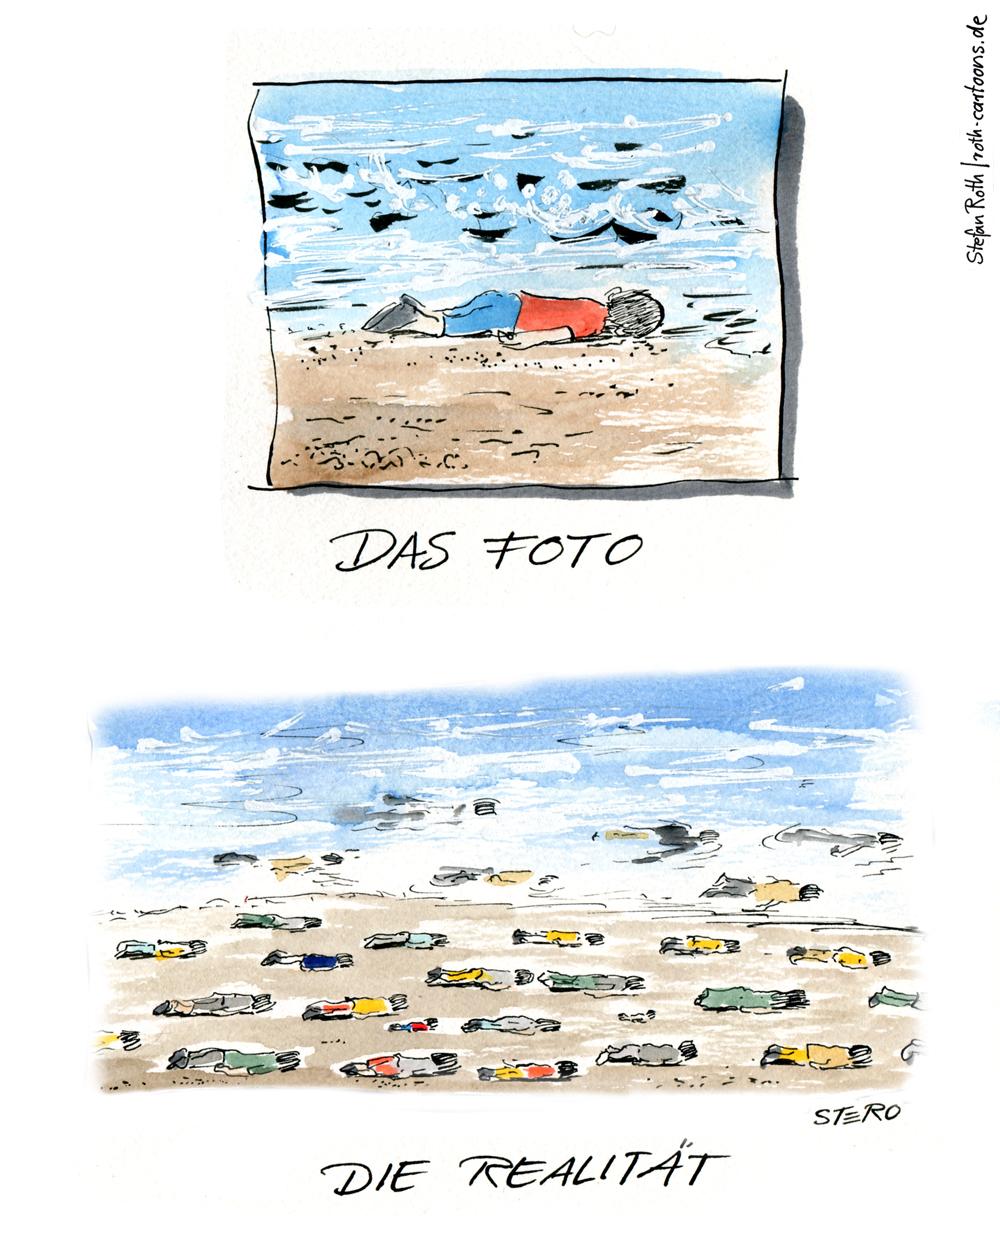 fluechtlingsdrama-ertrunkener-syrischer-junge-Ailan-Kurdi-kueste-tuerkei-stero-cartoon